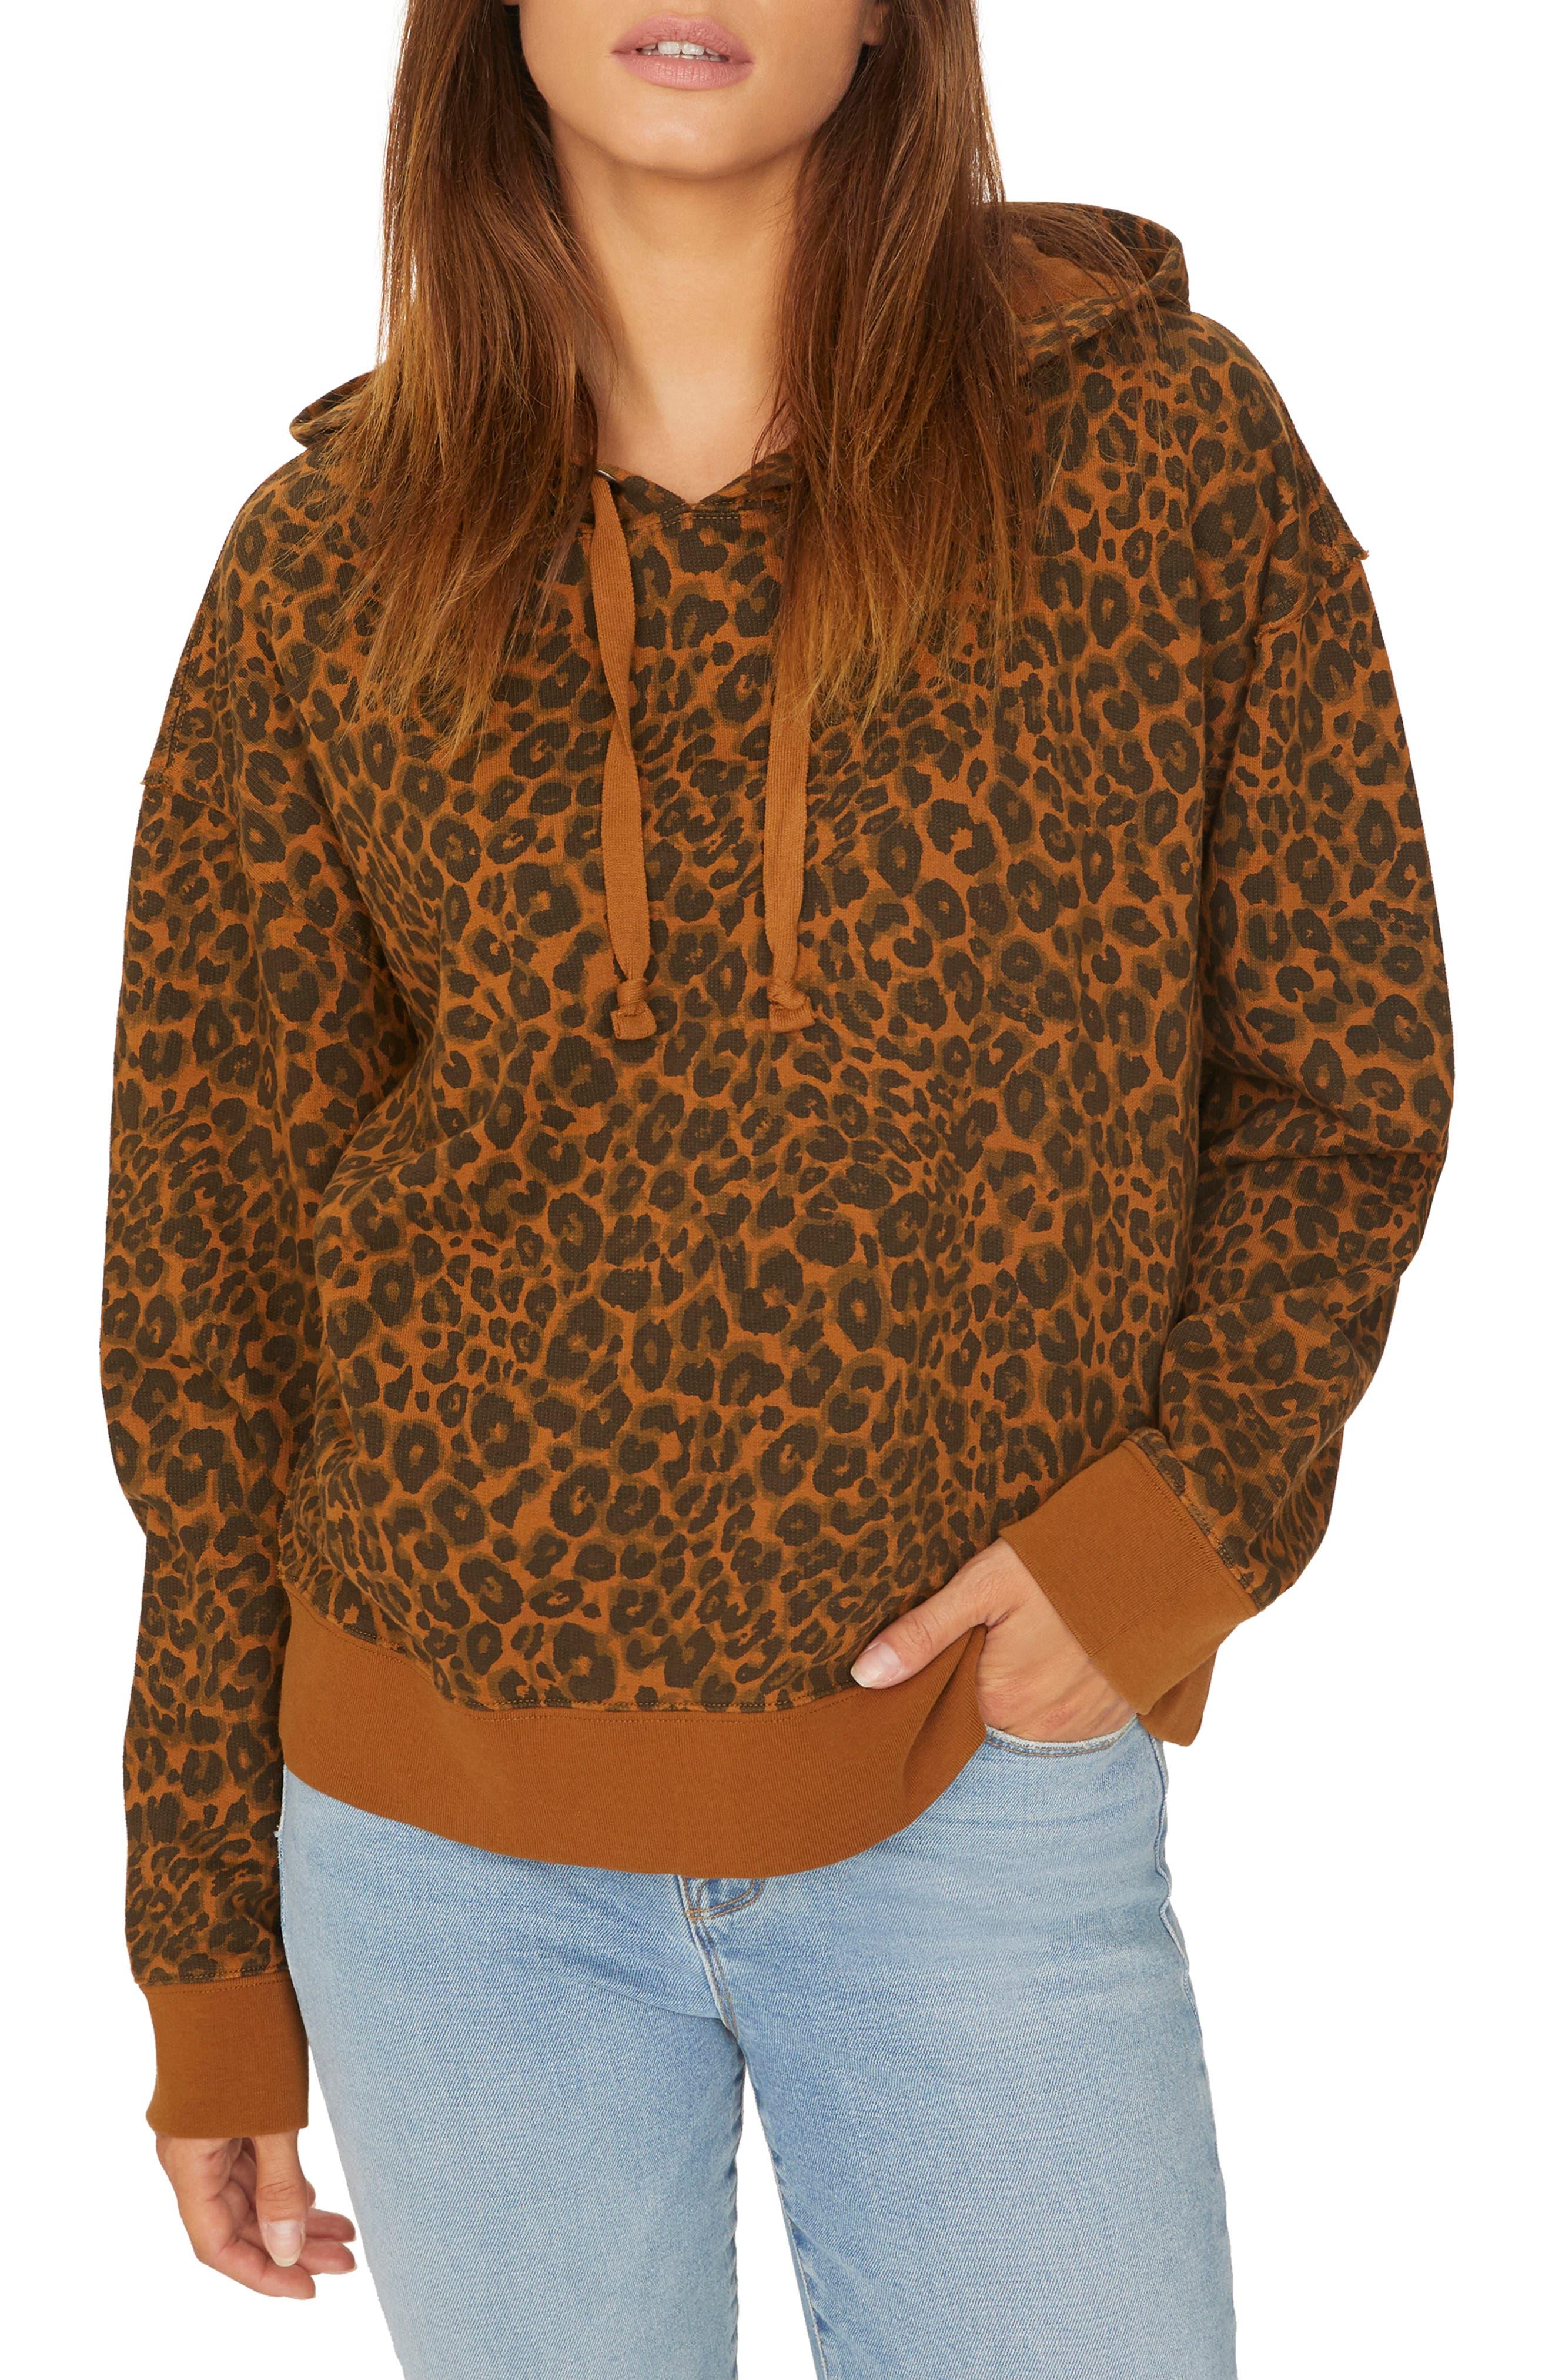 Venice Leopard Print Hoodie,                             Main thumbnail 1, color,                             200